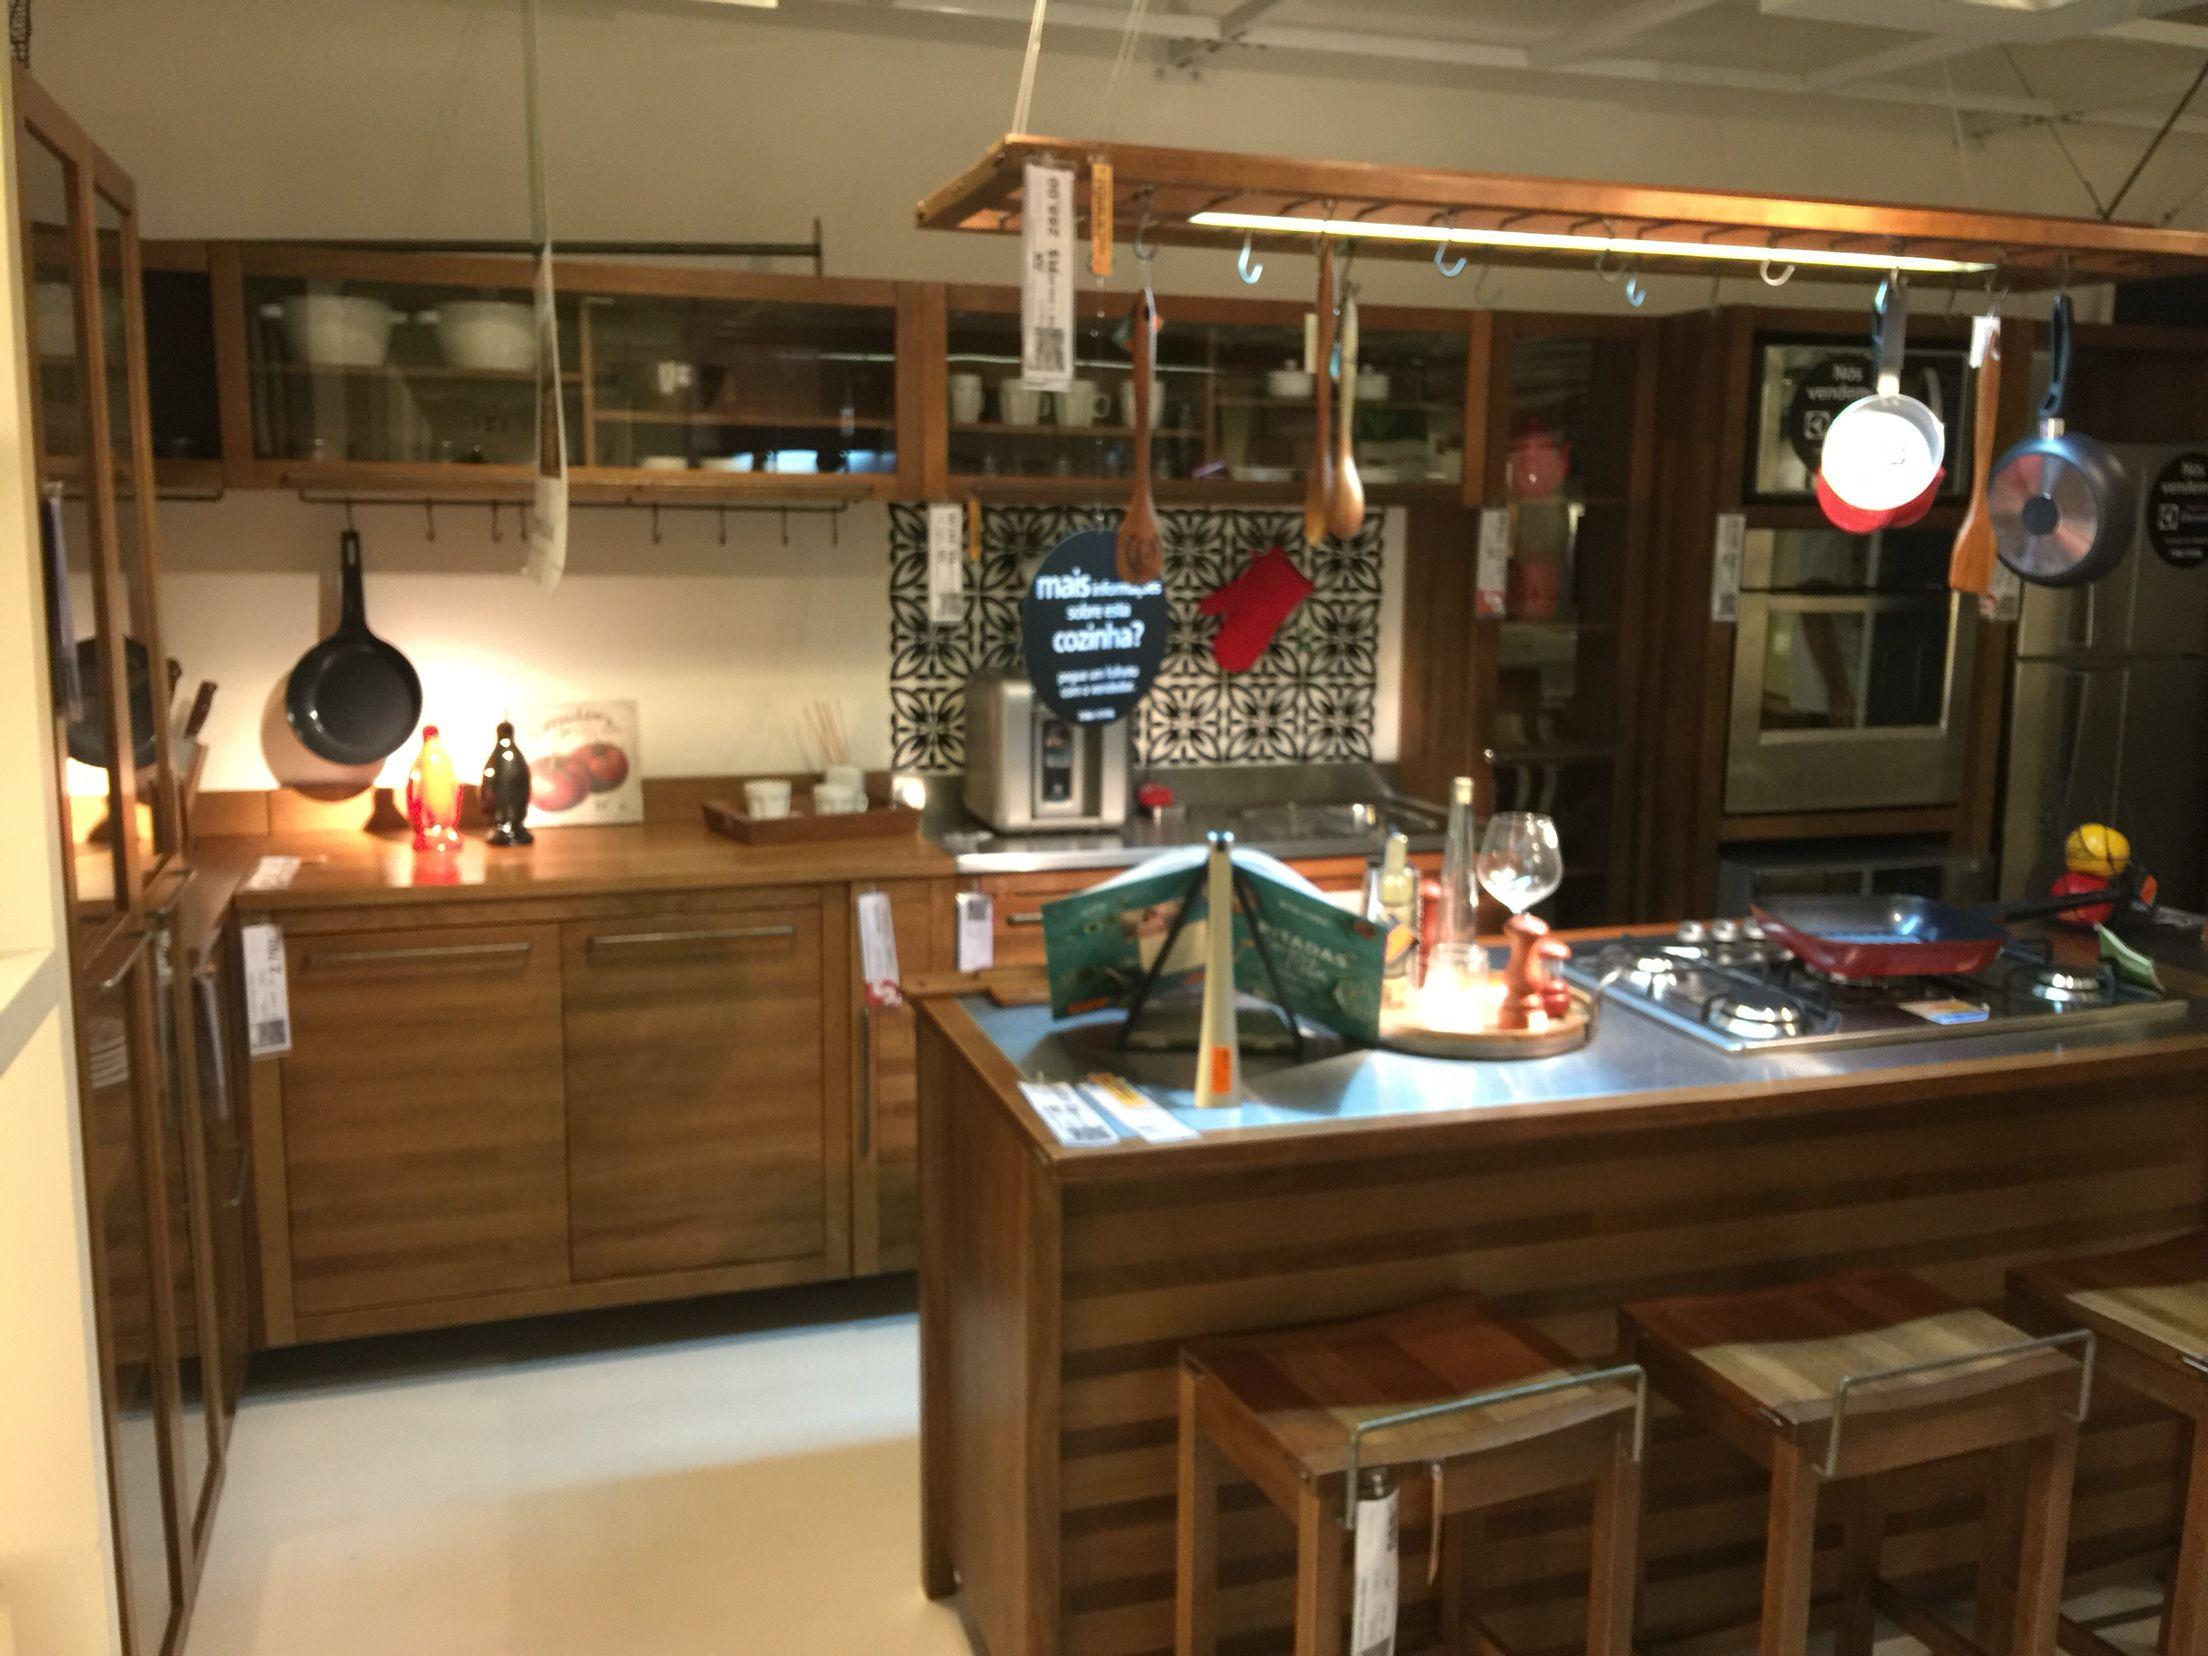 Inspira O Cozinha Rustica Tok Stok Cozinha Pinterest